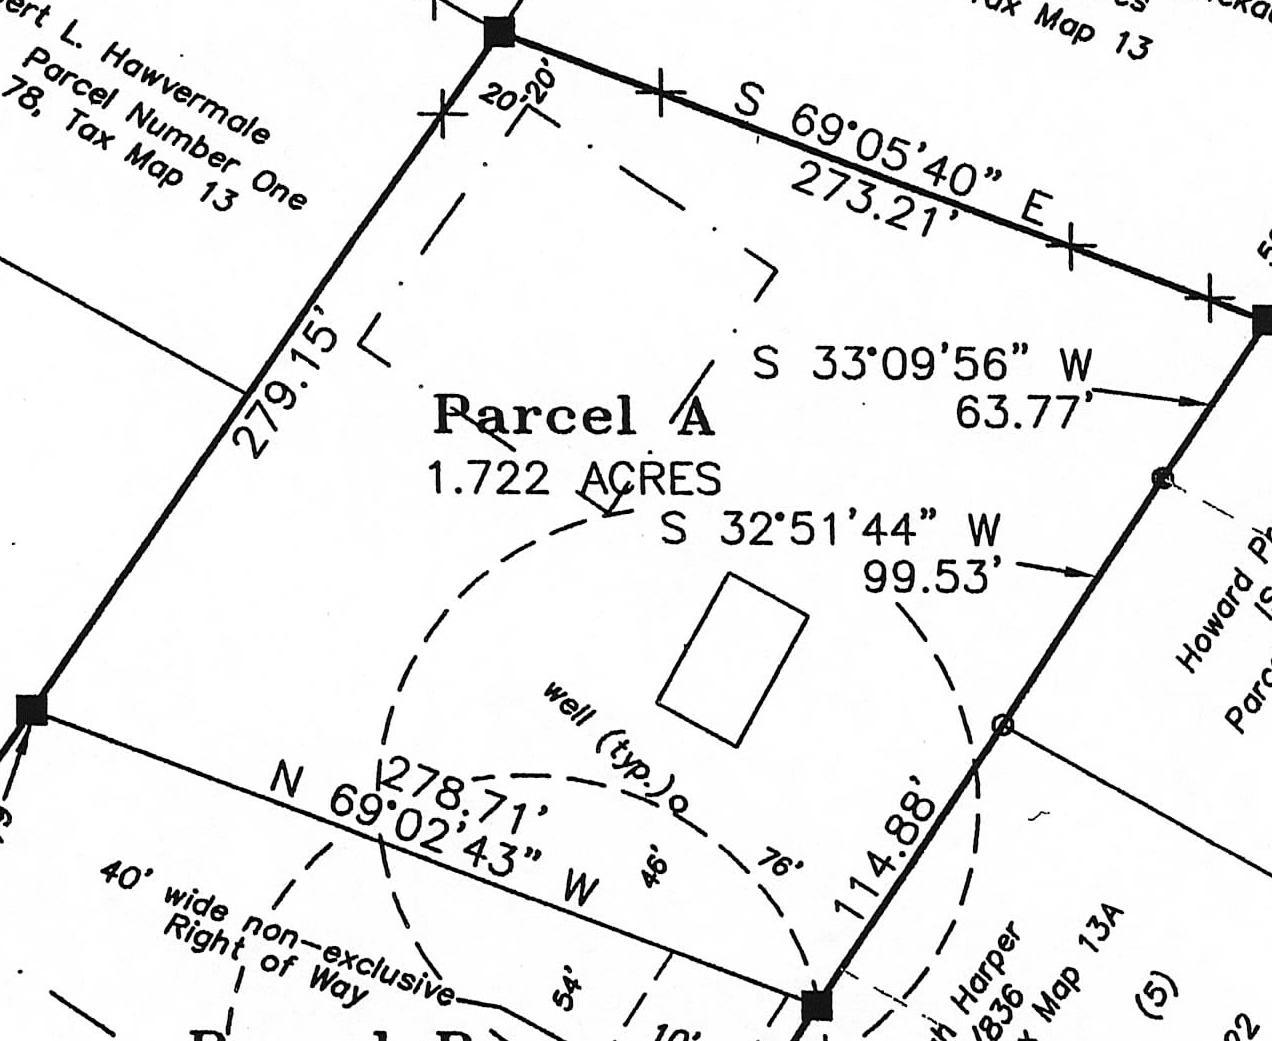 1 72 Acres